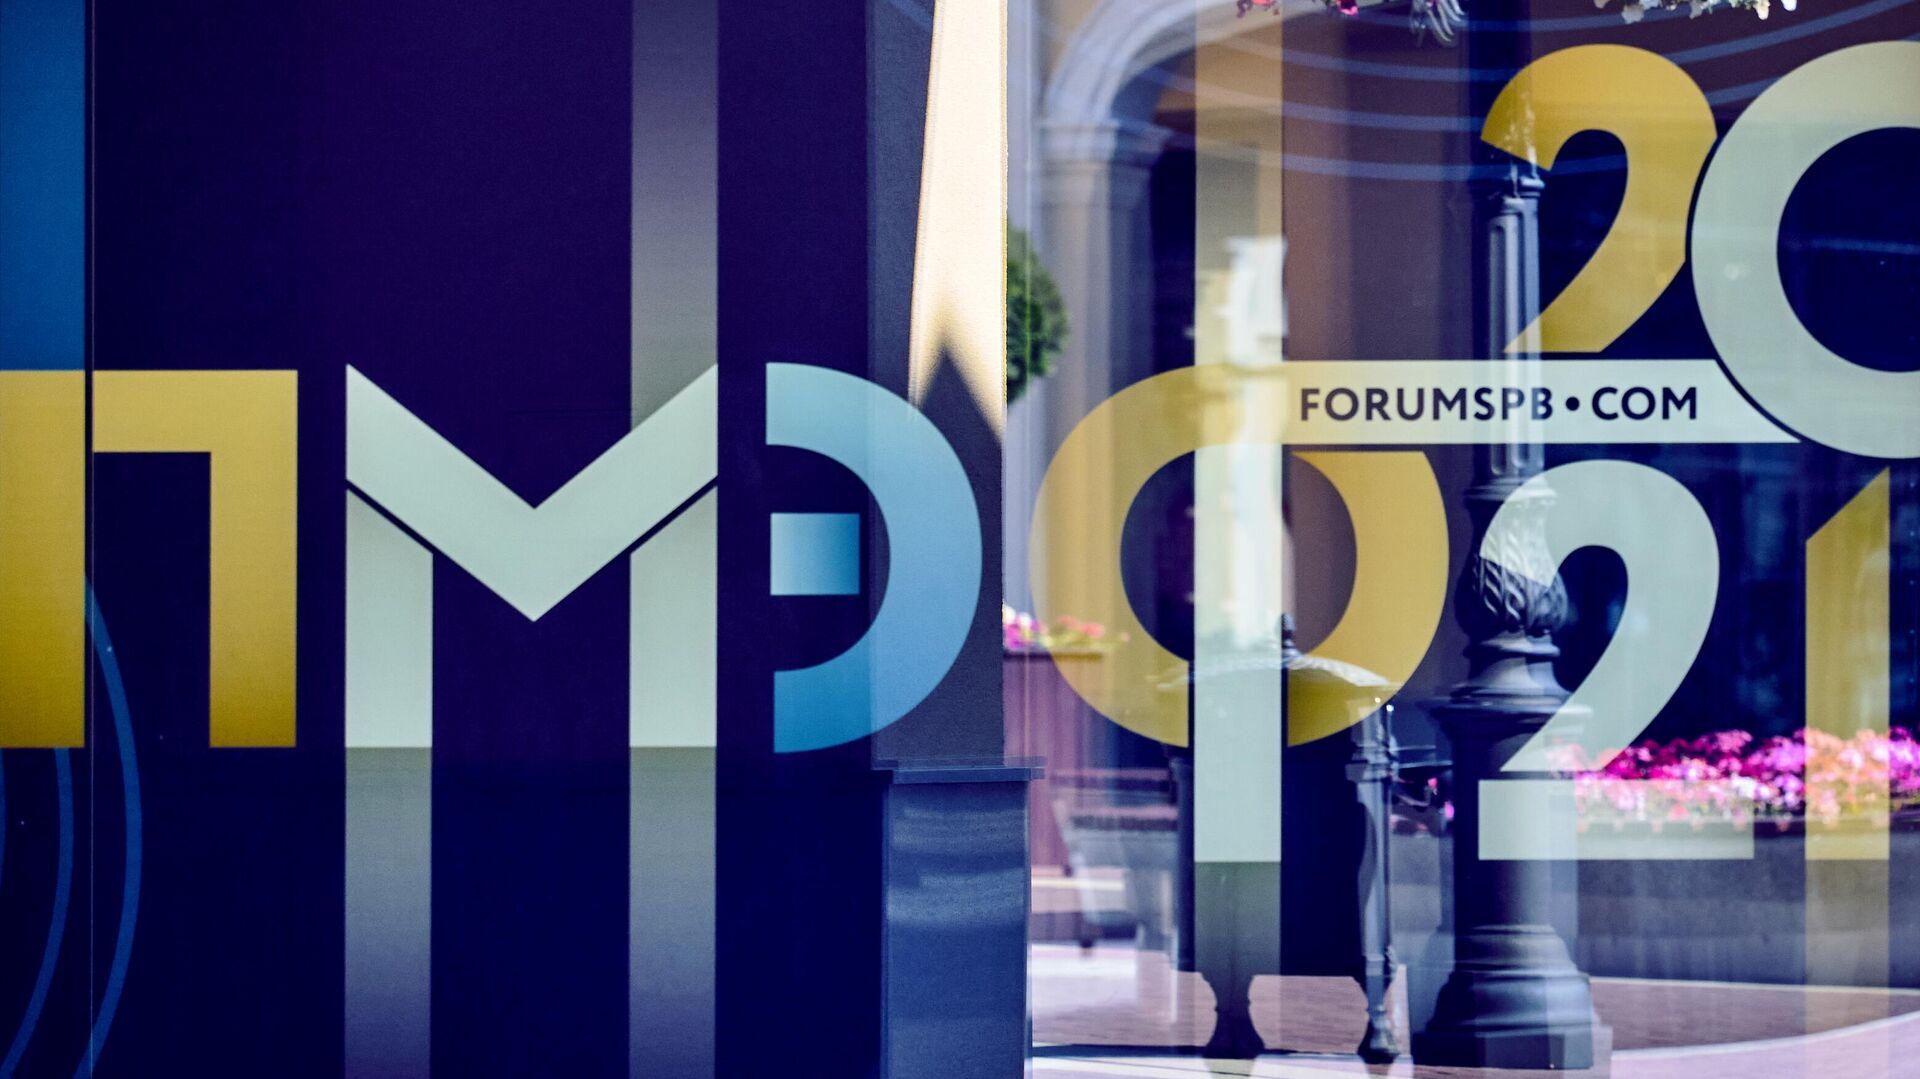 Логотип ПМЭФ-2021 в центре аккредитации №1 Петербургского международного экономического форума - 2021 в Санкт-Петербурге - РИА Новости, 1920, 01.06.2021